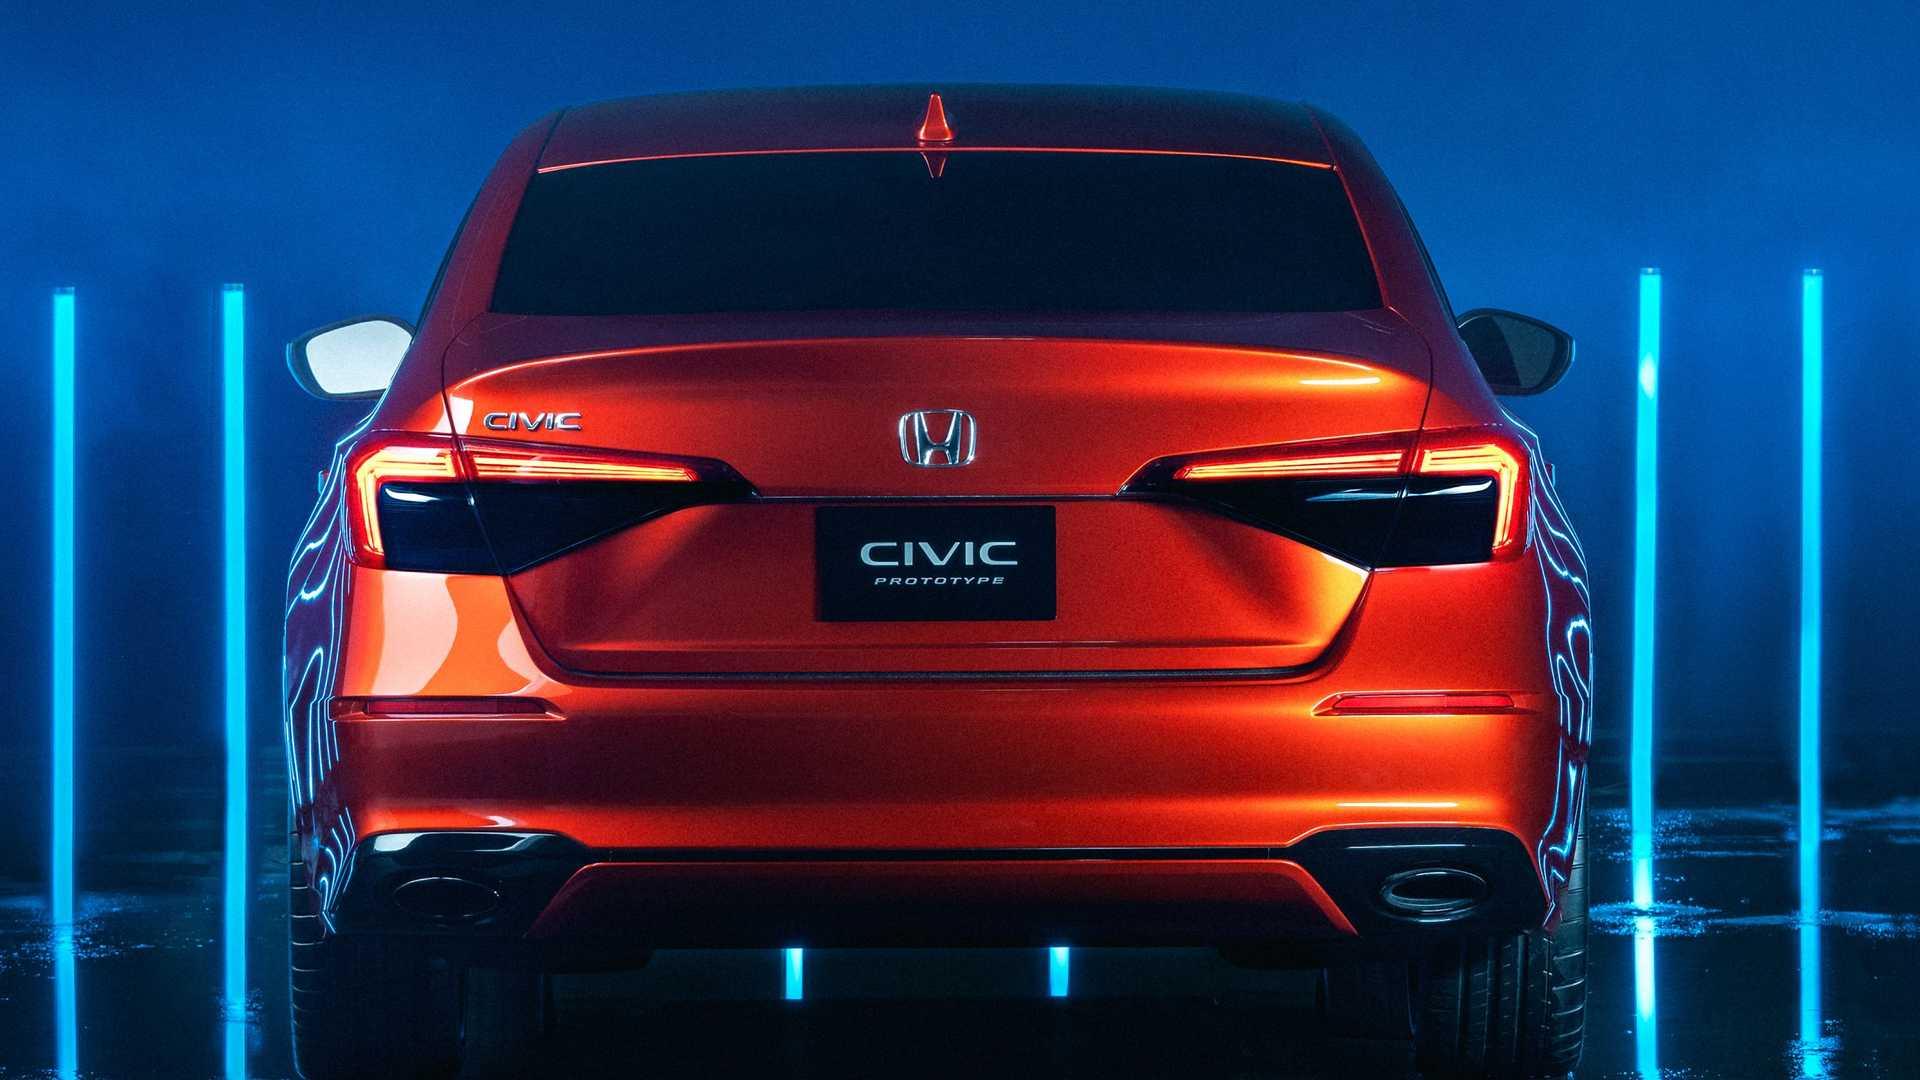 06 2022 honda civic prototype - أسعار سيارات هوندا سيفيك 2022 في قطر